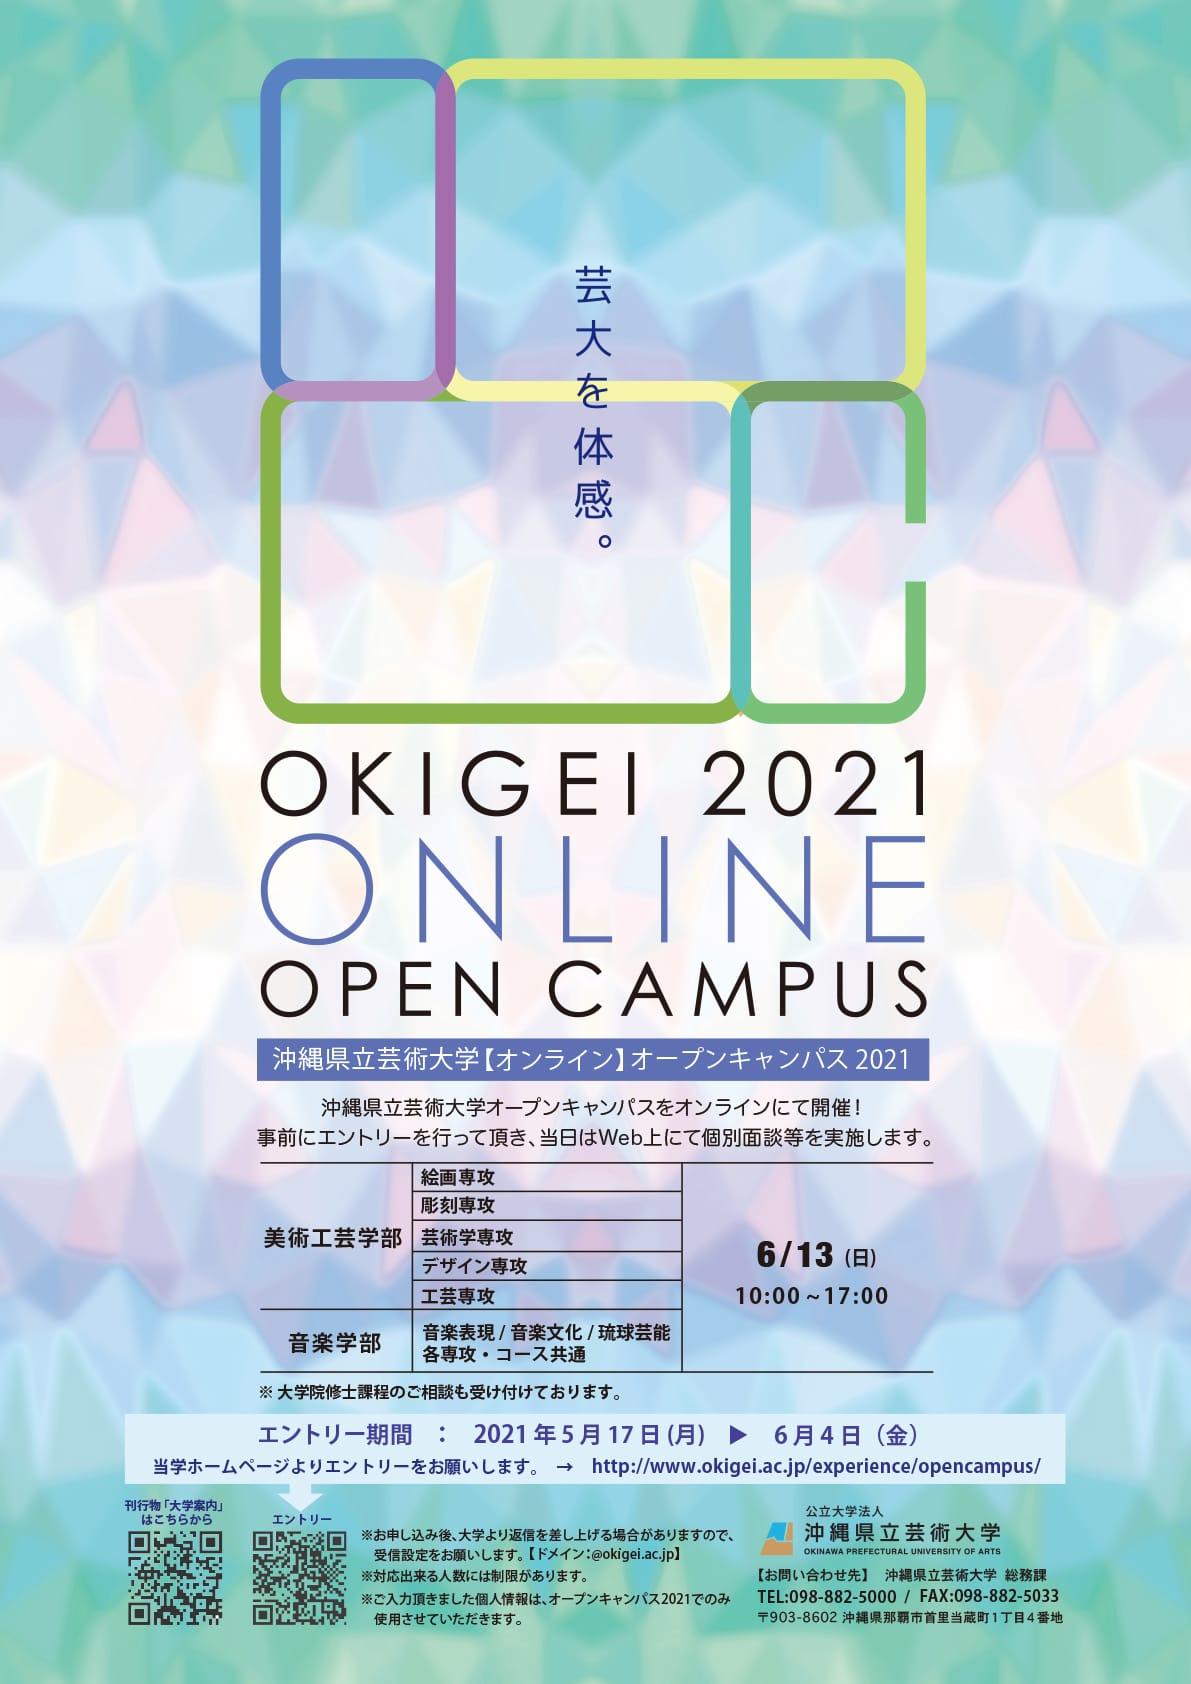 [フライヤー]沖縄県立芸術大学オープンキャンパス2021